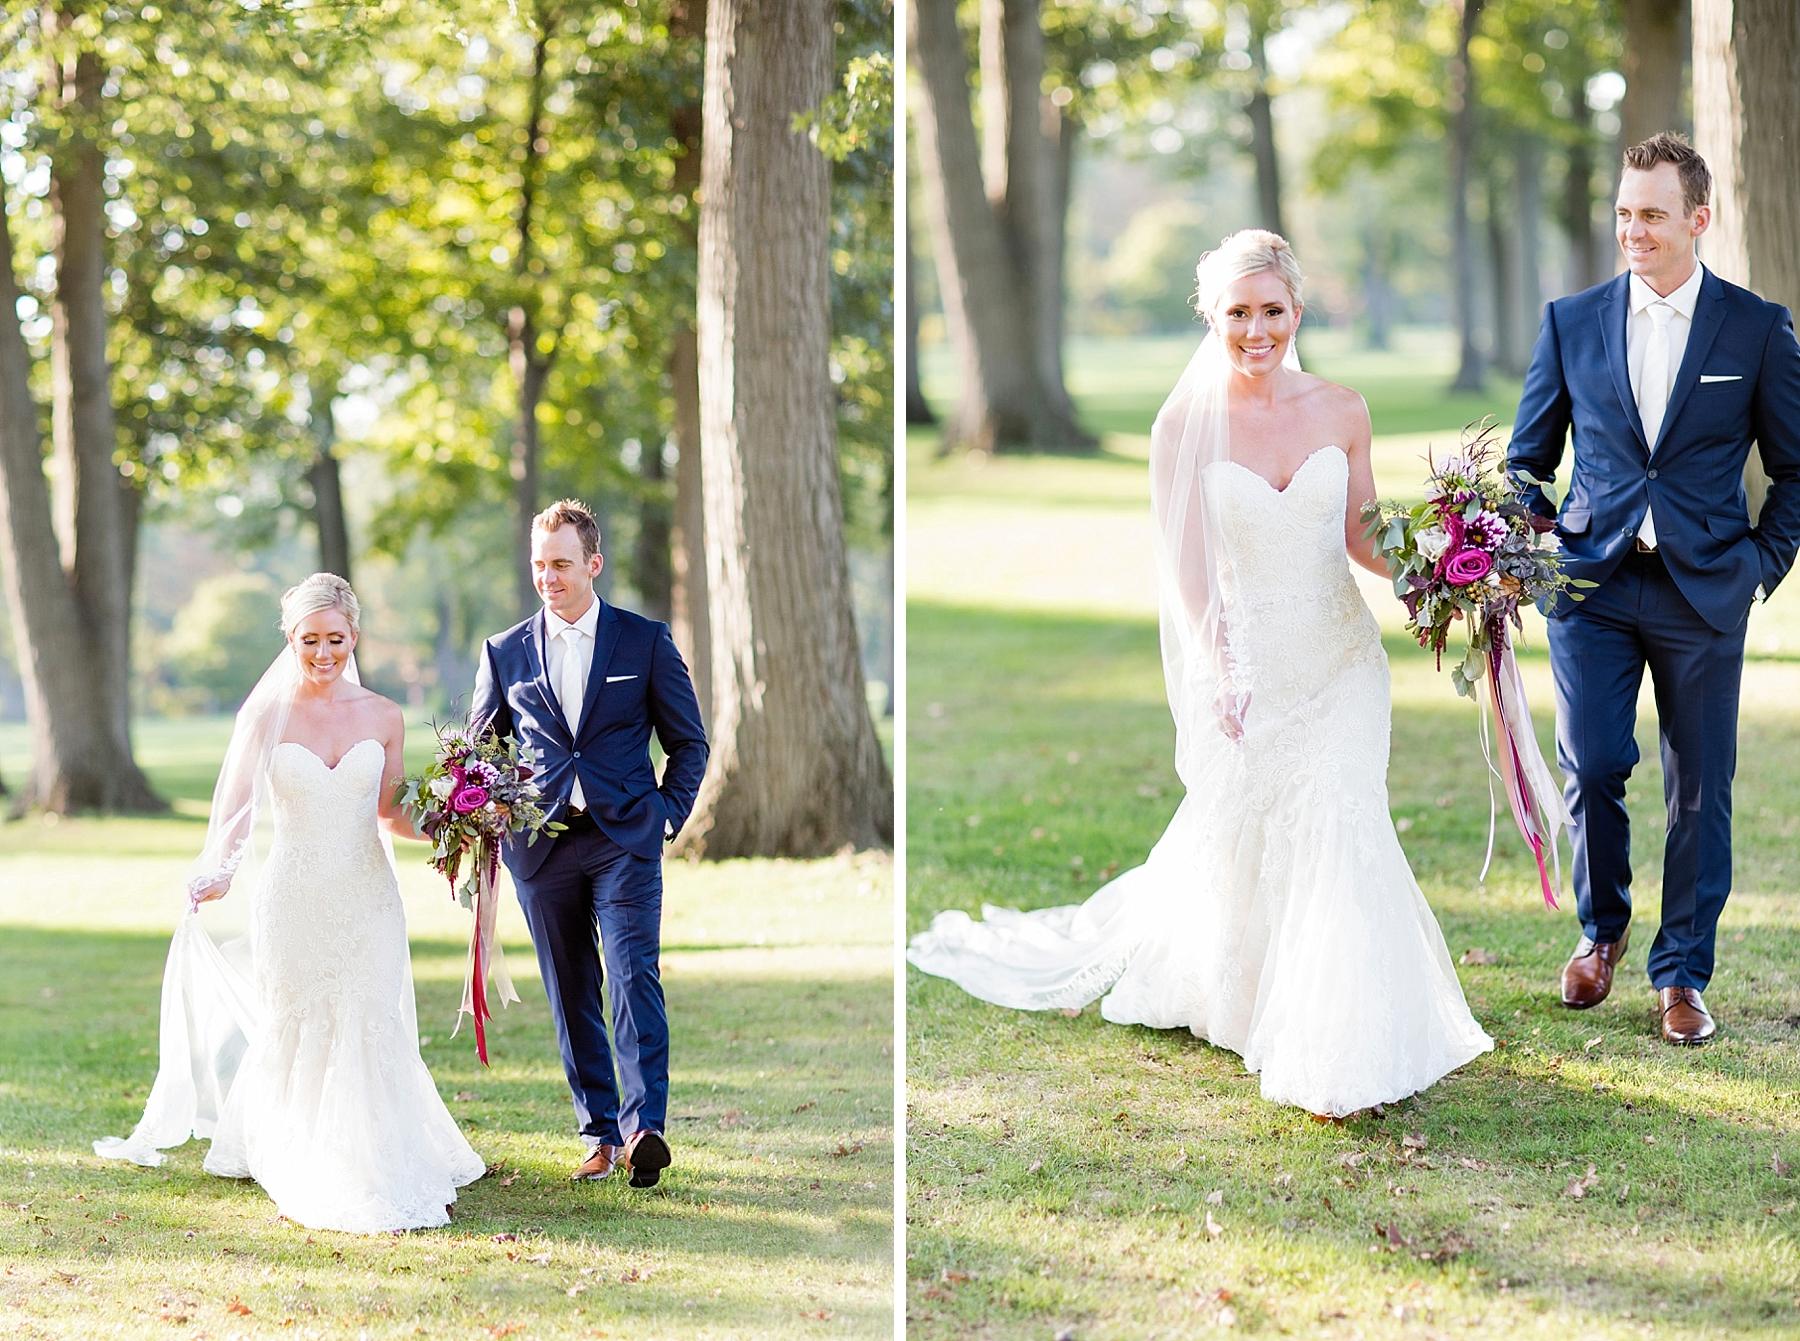 windsor-wedding-photographer-essex-golf-country-club-wedding-eryn-shea-photography_0059.jpg